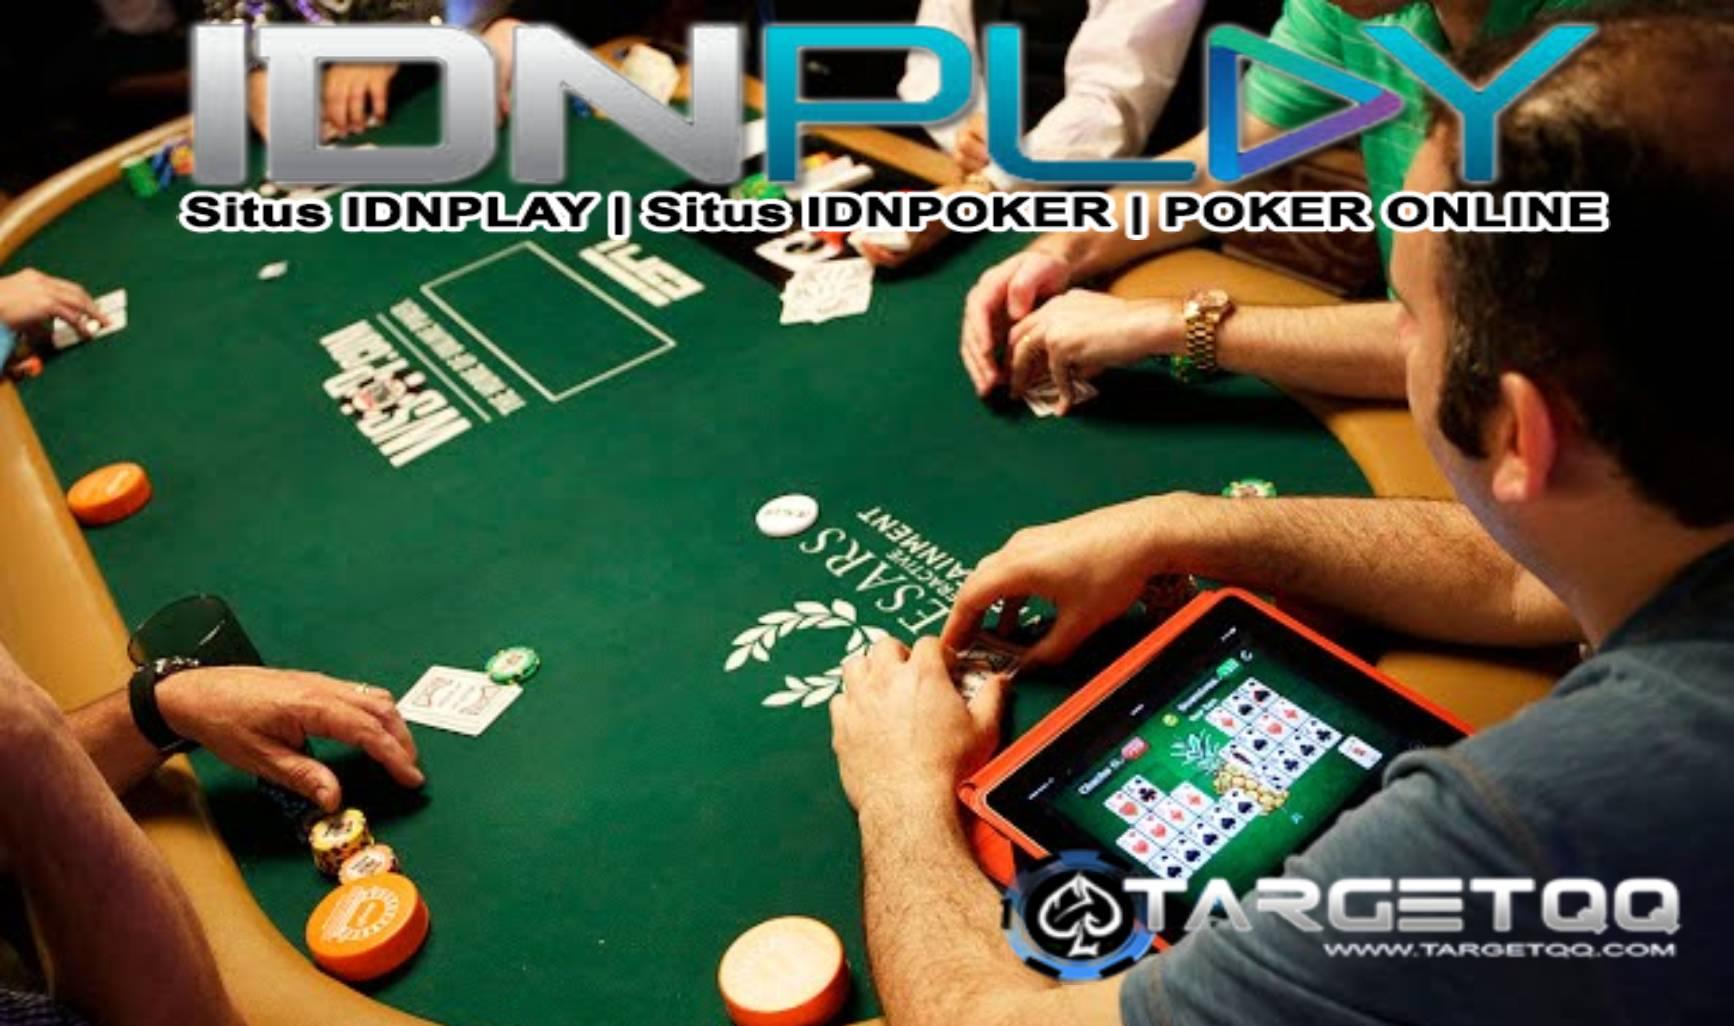 Cara Menang Poker Uang Asli